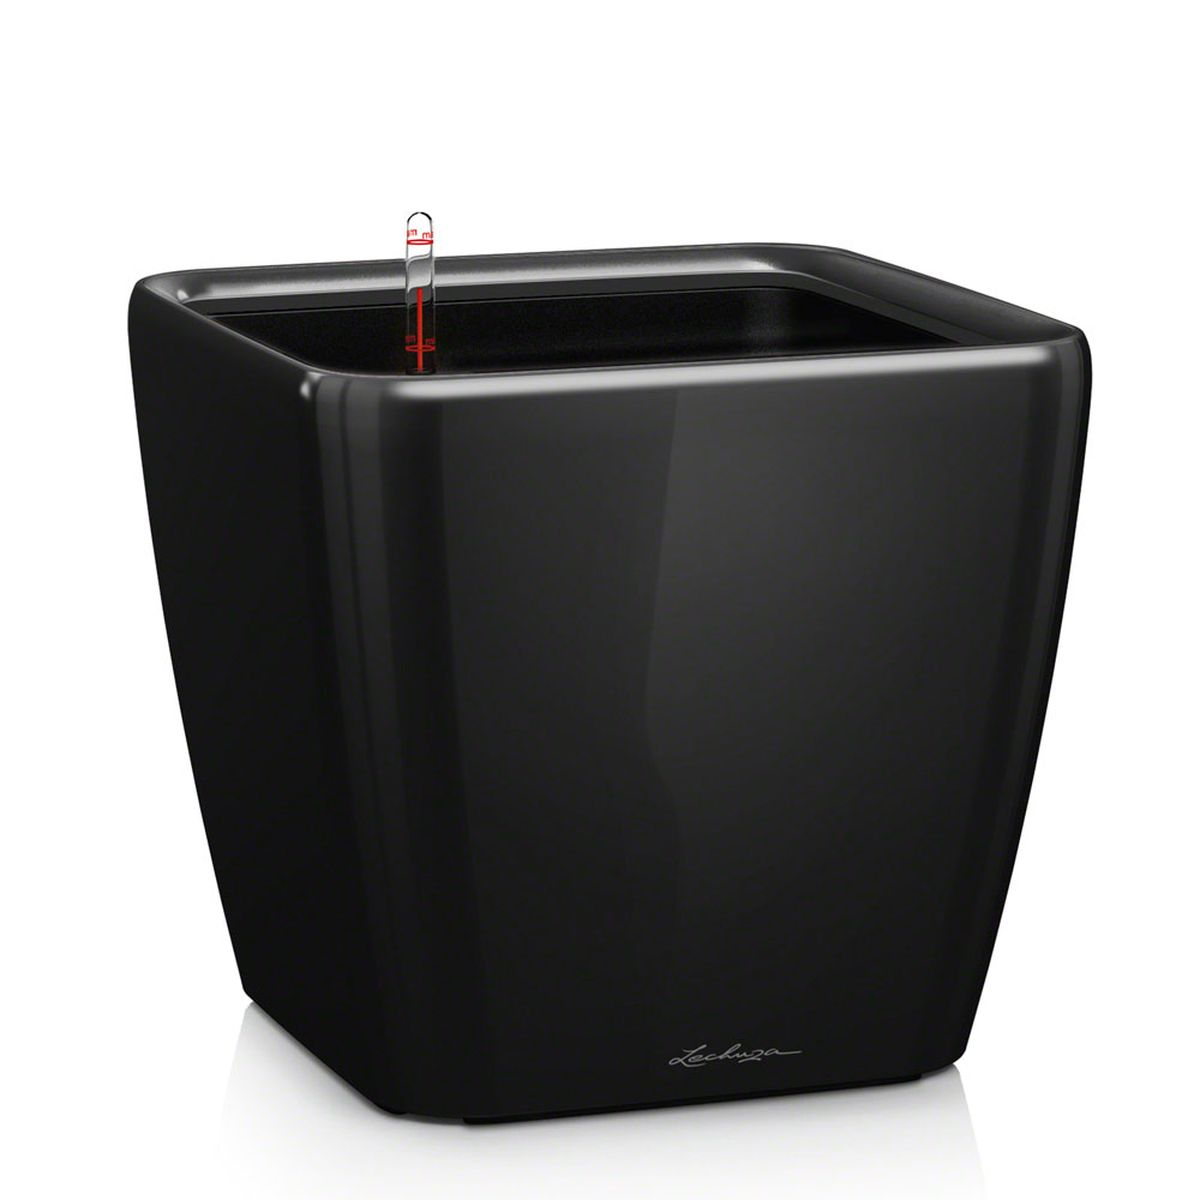 Кашпо Lechuza Quadro, с системой автополива, цвет: черный, 43 х 43 х 40 смМ 8620Кашпо Lechuza Quadro, выполненное из высококачественного пластика, имеет уникальную систему автополива, благодаря которой корневая система растения непрерывно снабжается влагой из резервуара. Уровень воды в резервуаре контролируется с помощью специального индикатора. В зависимости от размера кашпо и растения воды хватает на 2-12 недель. Это способствует хорошему росту цветов и предотвращает переувлажнение.В набор входит: кашпо, внутренний горшок, индикатор уровня воды, вал подачи воды, субстрат растений в качестве дренажного слоя, резервуар для воды. Кашпо Lechuza Quadro прекрасно впишется в любой интерьер. Оно поможет расставить нужные акценты, а также придаст помещению вид, соответствующий вашим представлениям.